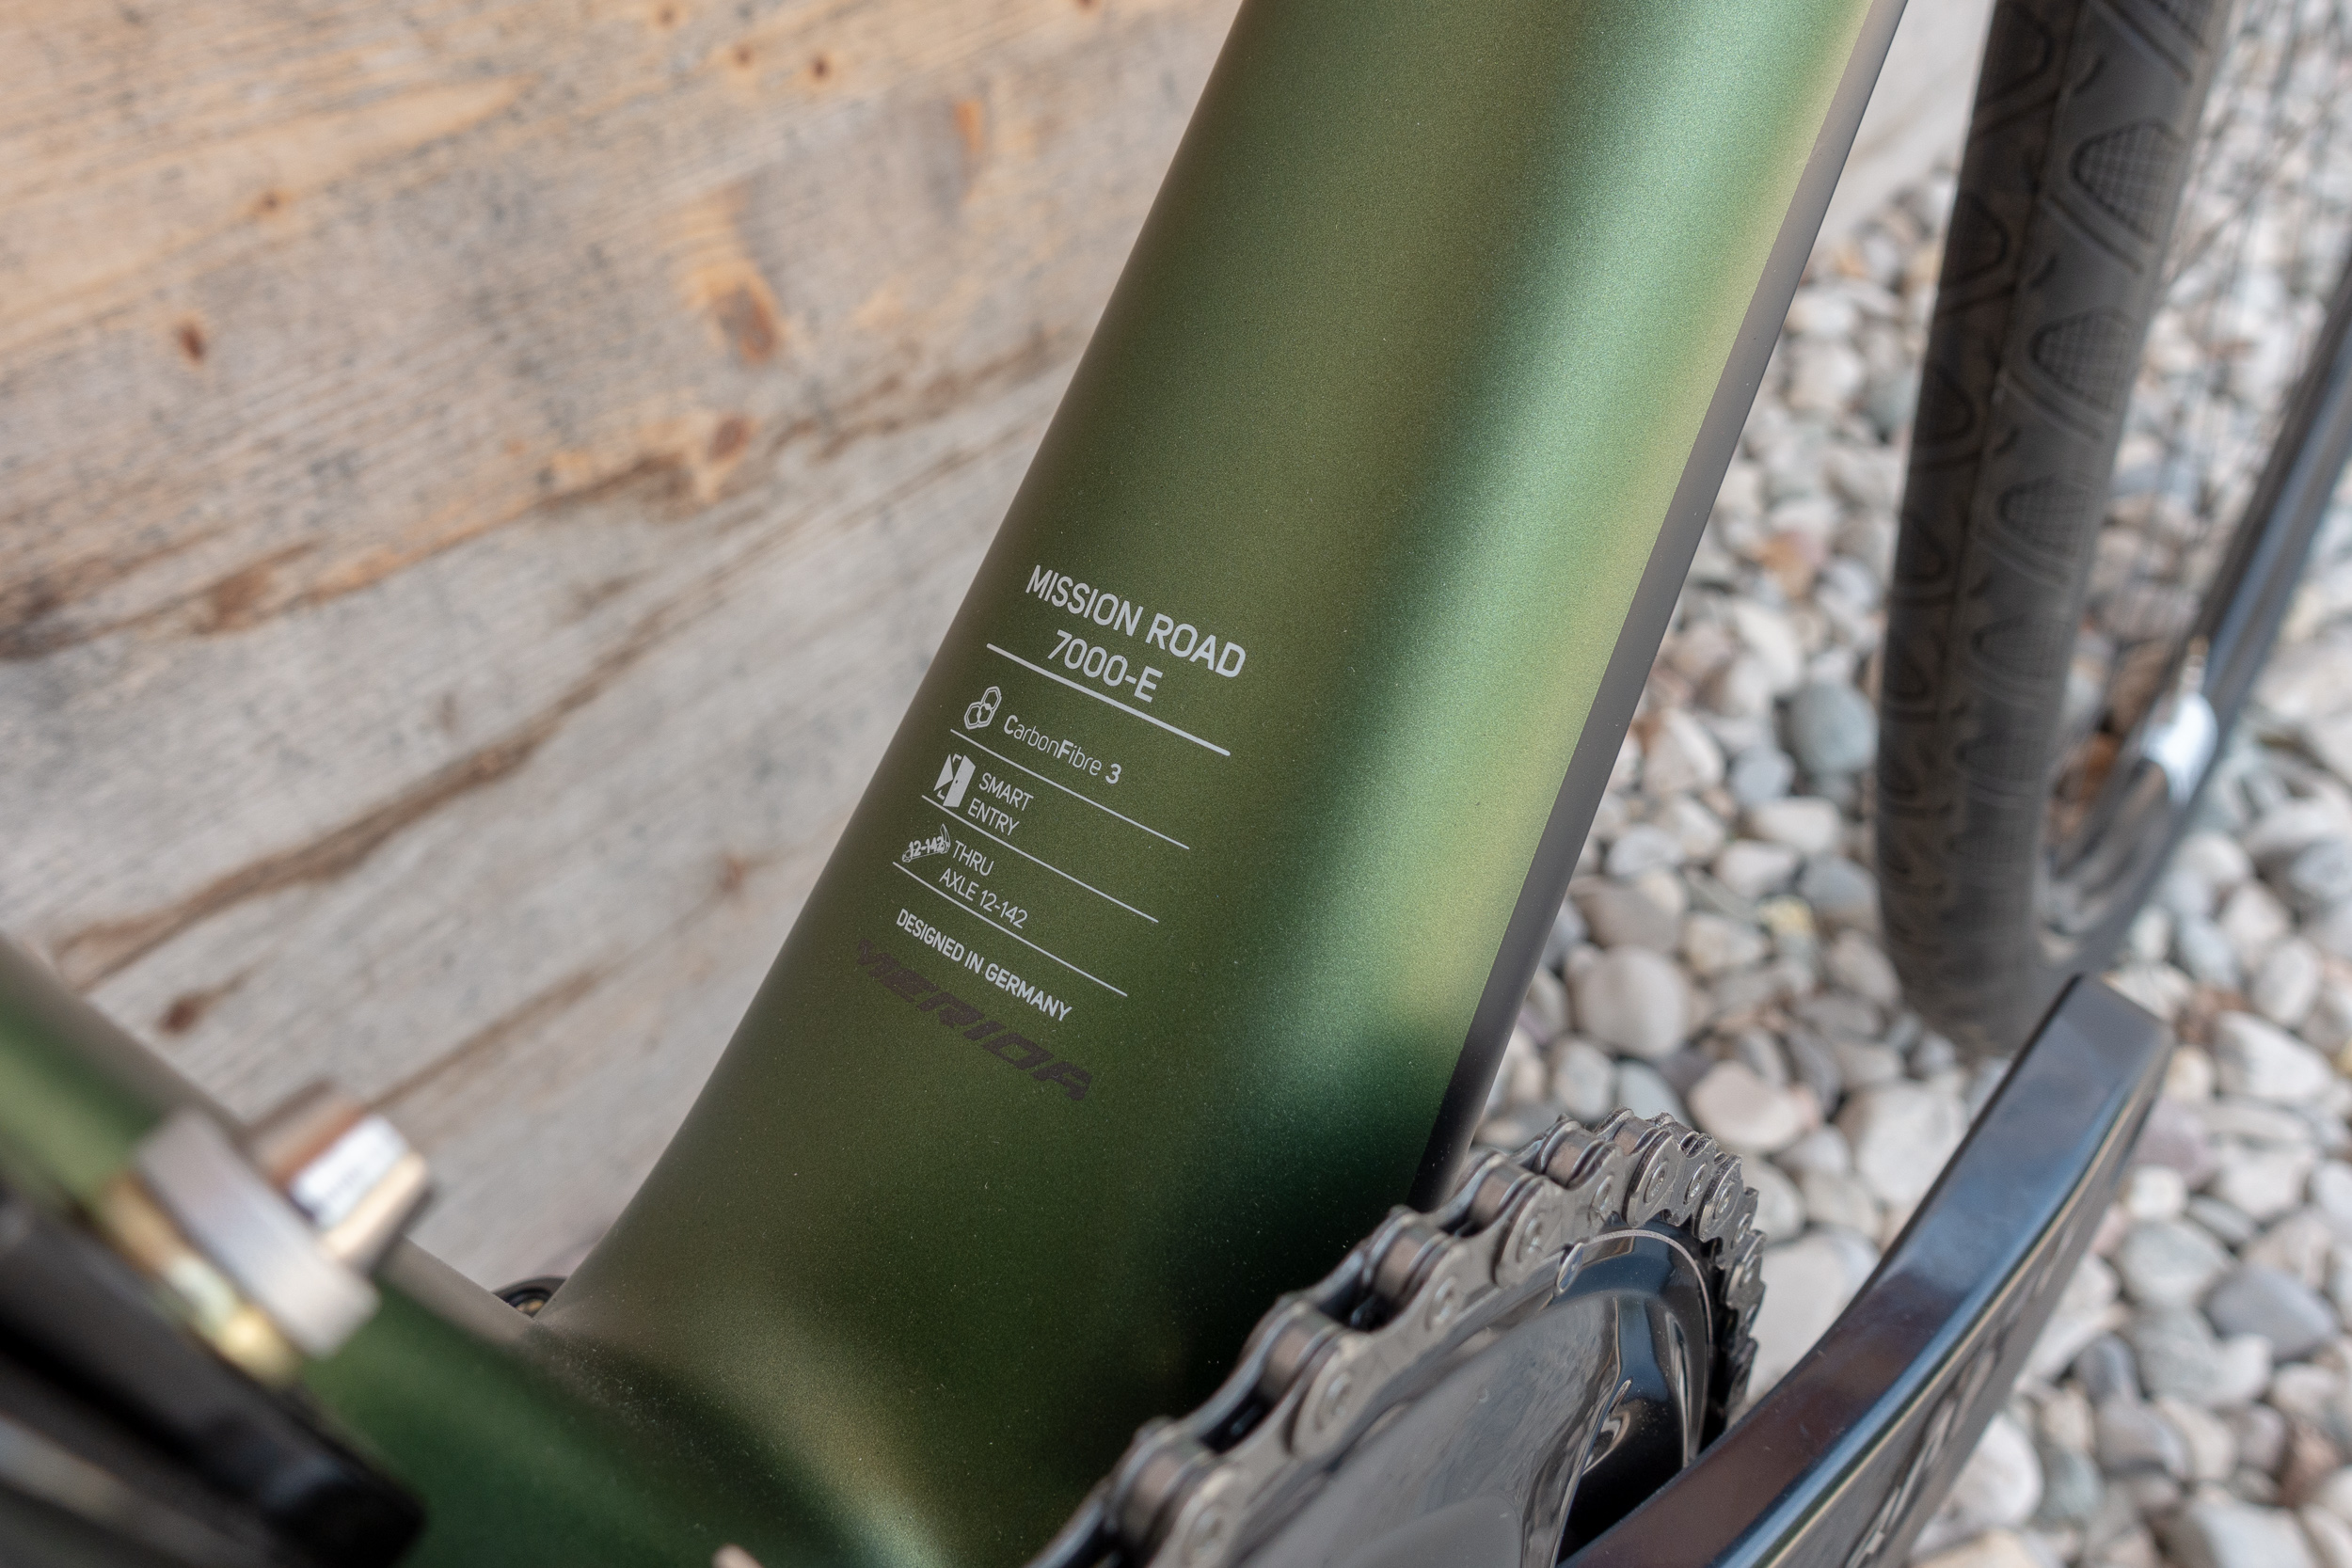 Carbonrahmen mit BB86 Pressfit Tretlager und einer 12x142 mm Steckachse hinten